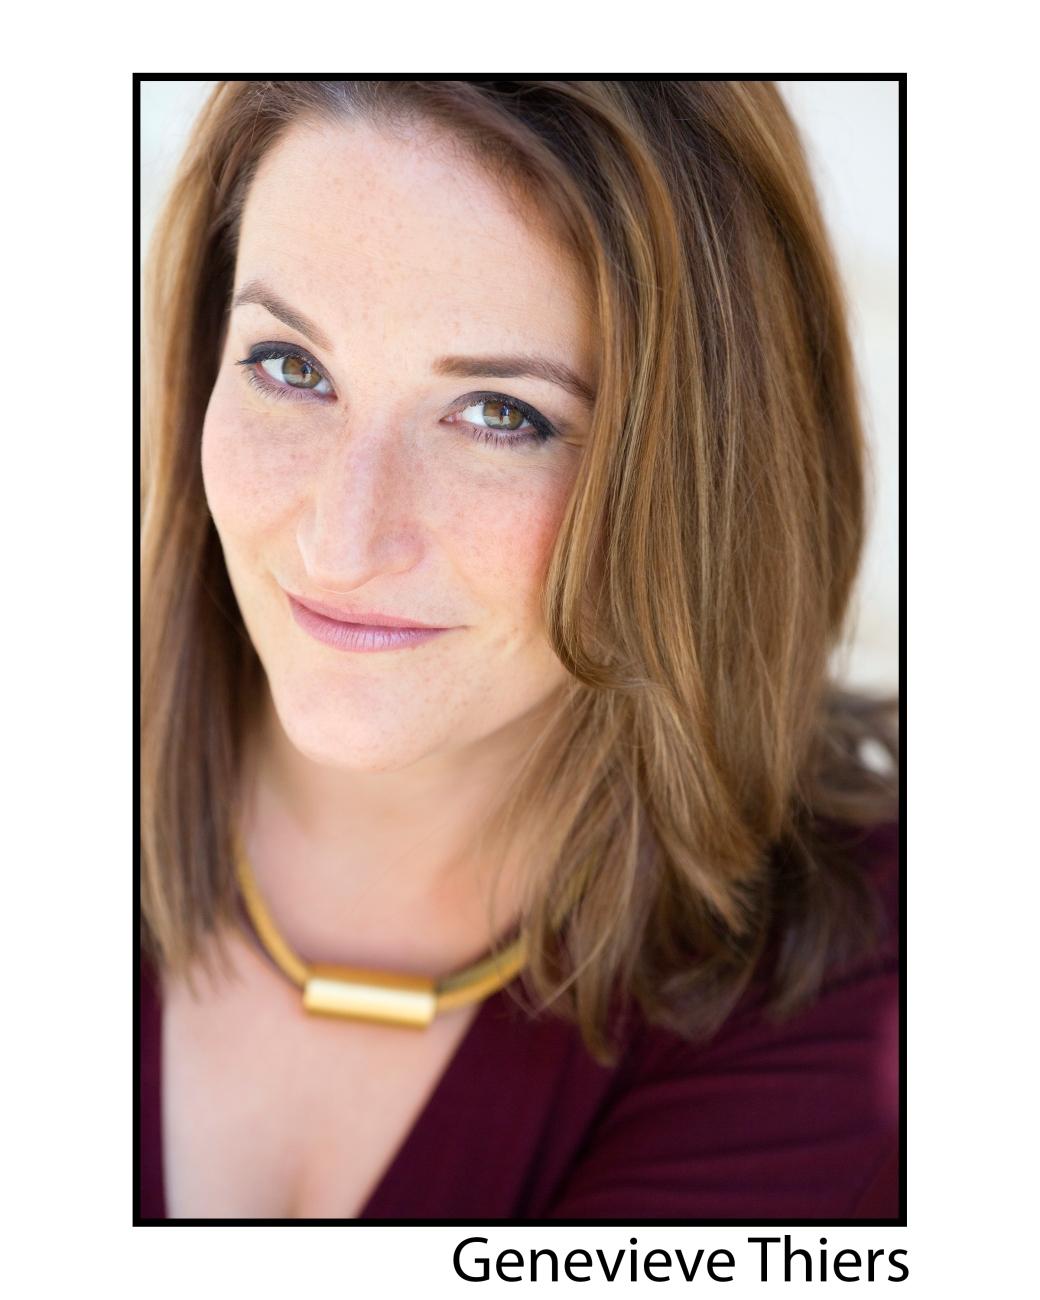 Genevieve Thiers headshot.jpg